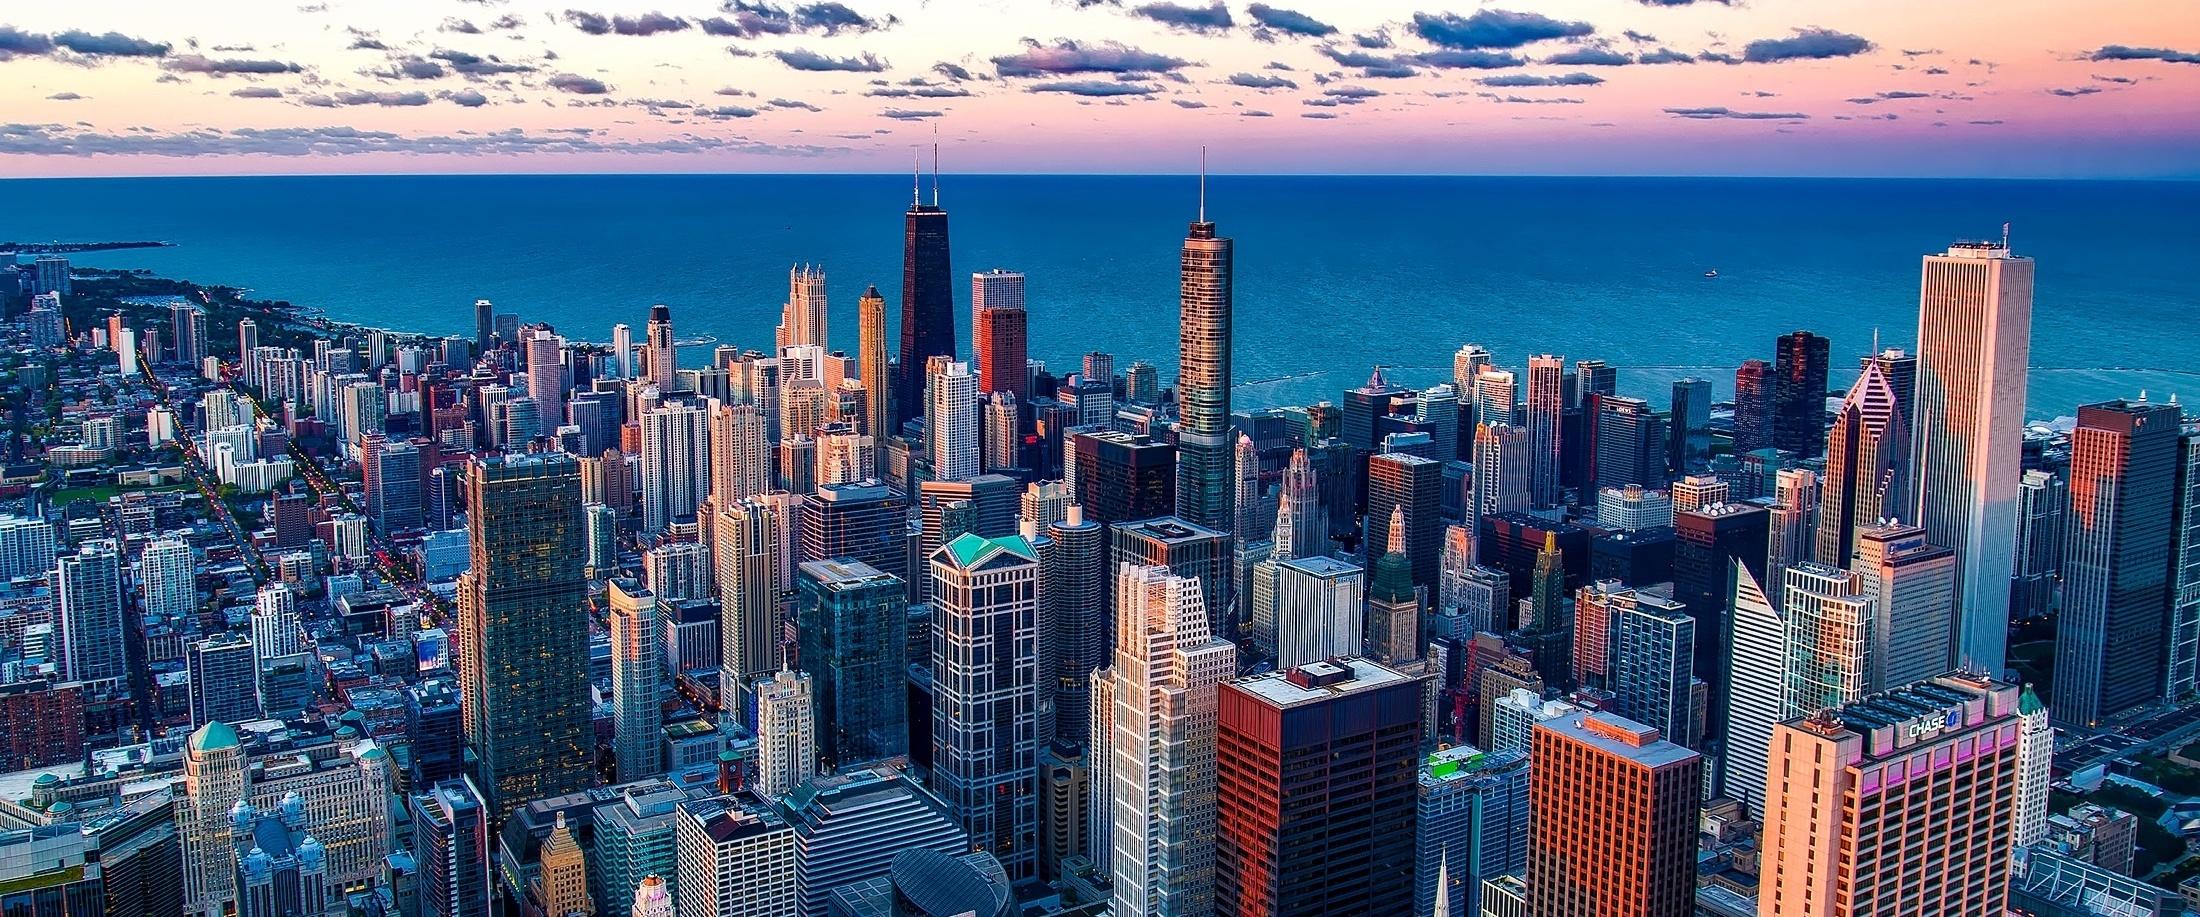 chicago-1791002-243562-edited.jpg